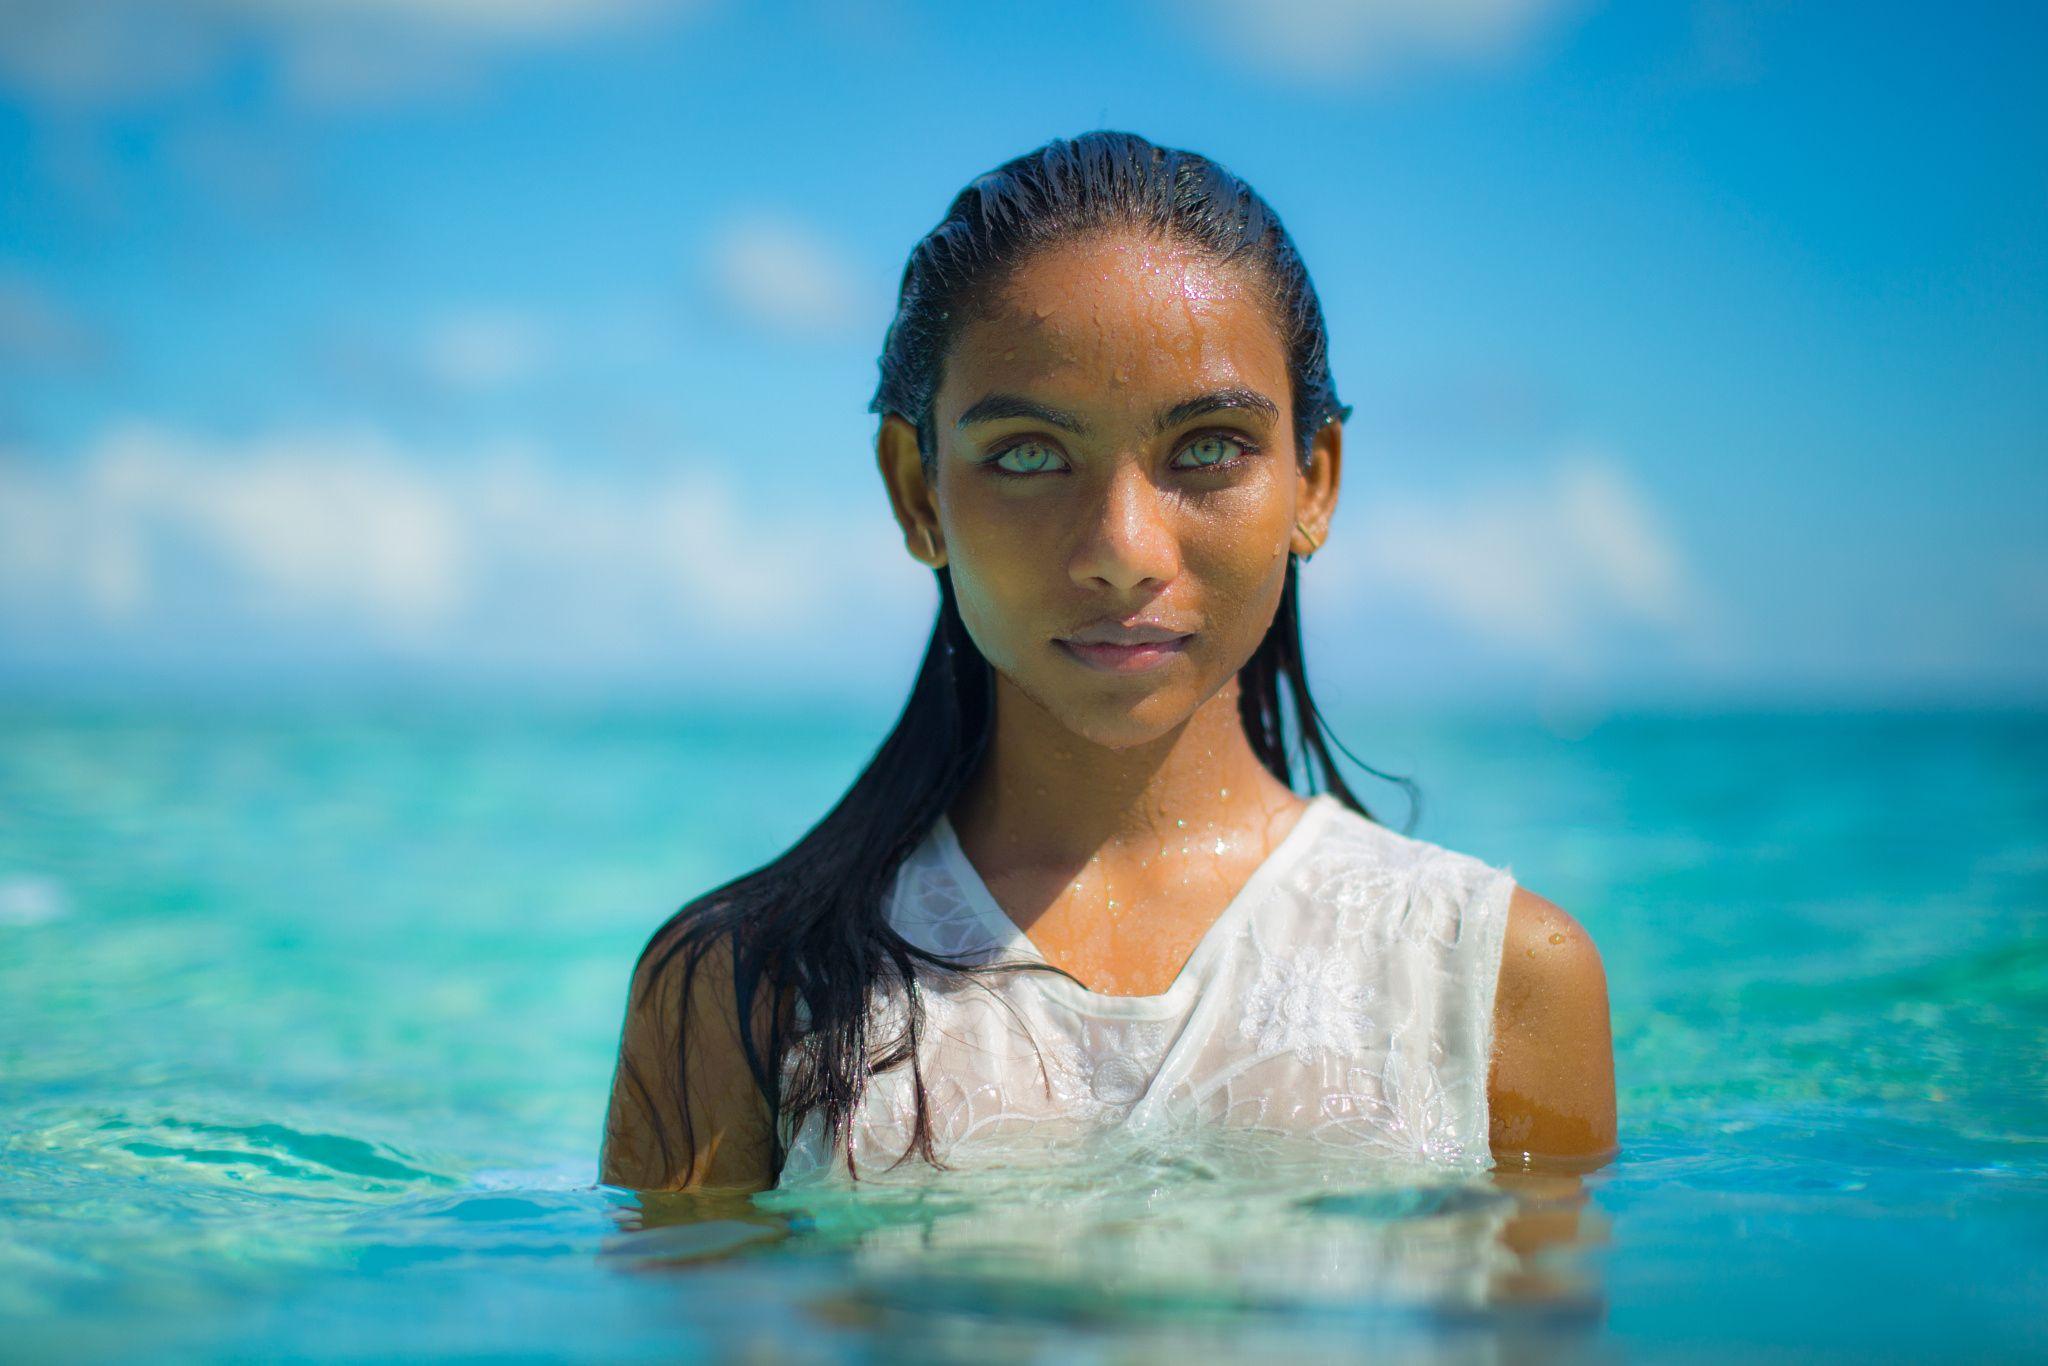 Maldivian Girl With Aquablue Eyes Photos Of Eyes Beautiful Eyes Aqua Eyes